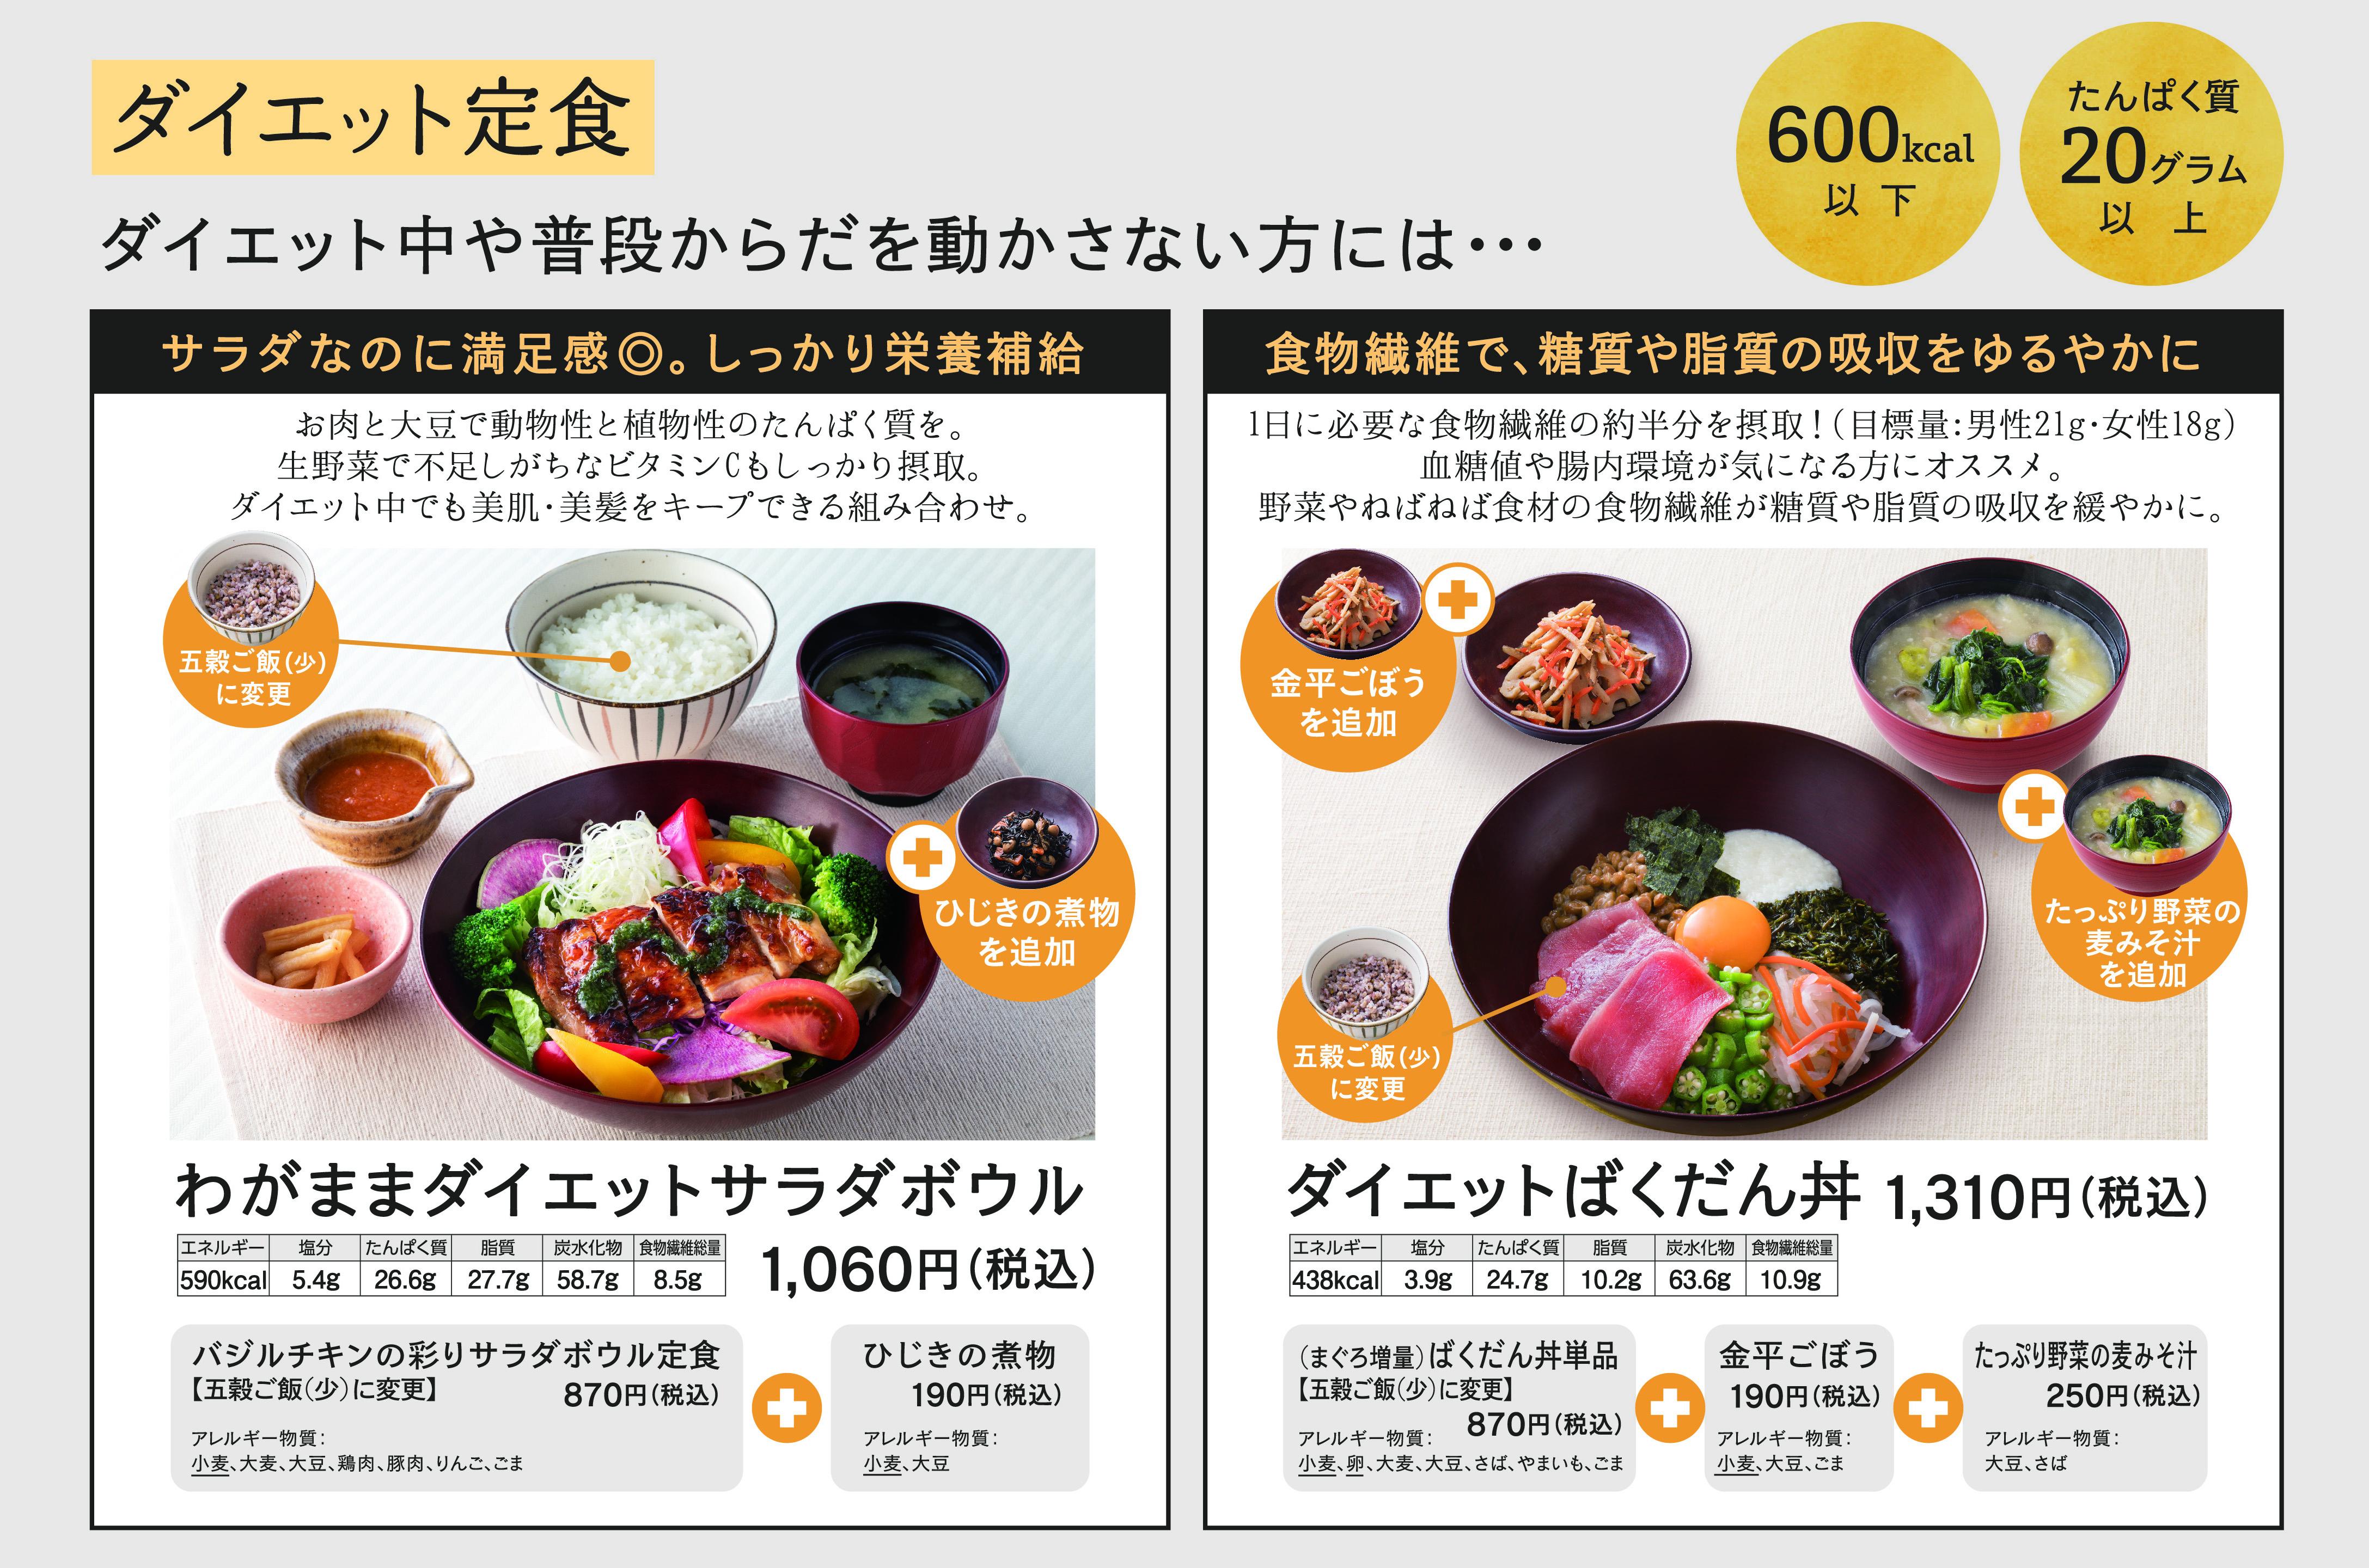 『ダイエット定食』